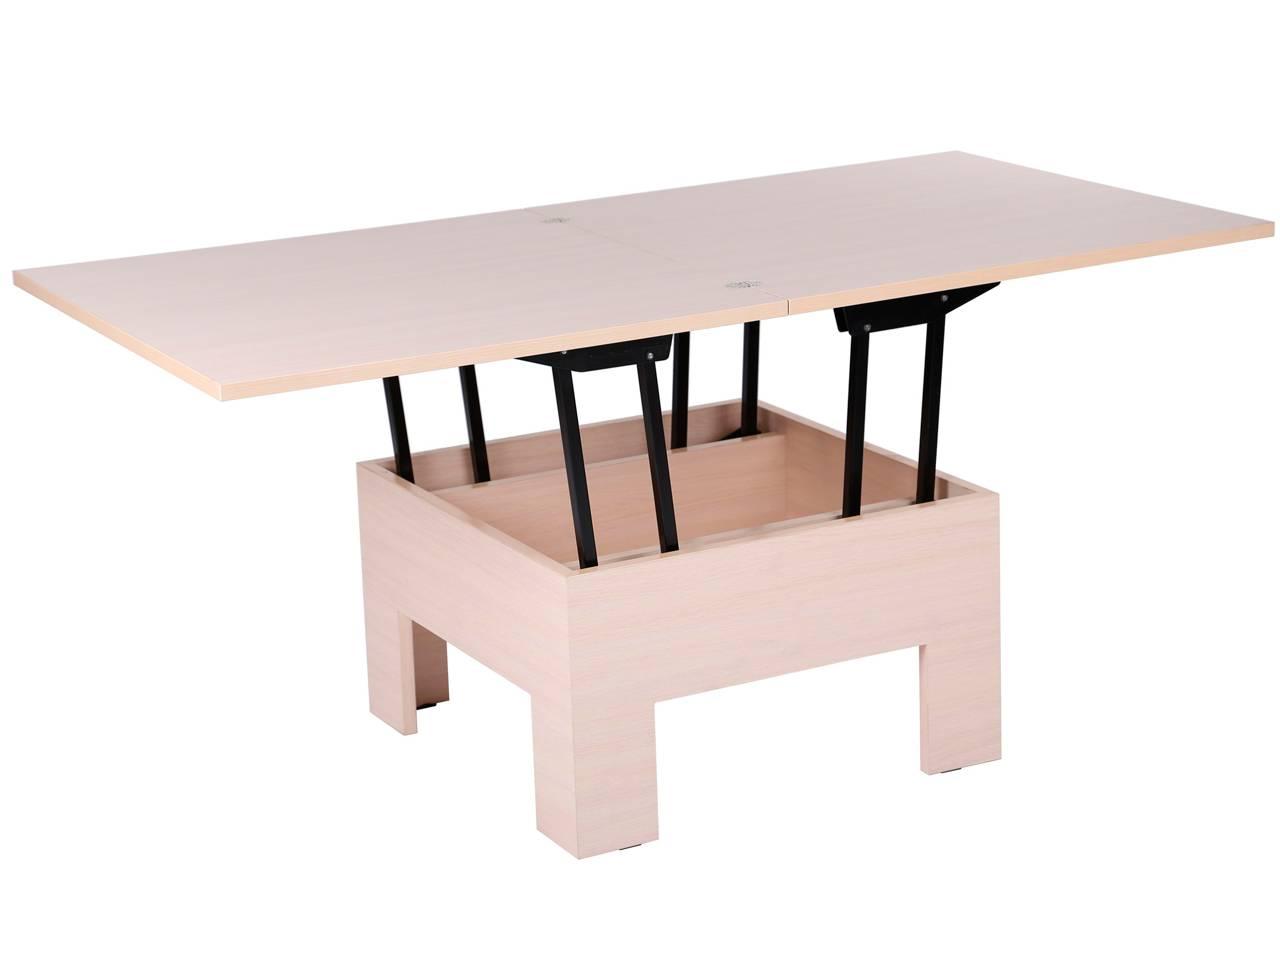 Столы-трансформеры для гостиной: фото обеденных раскладных столов